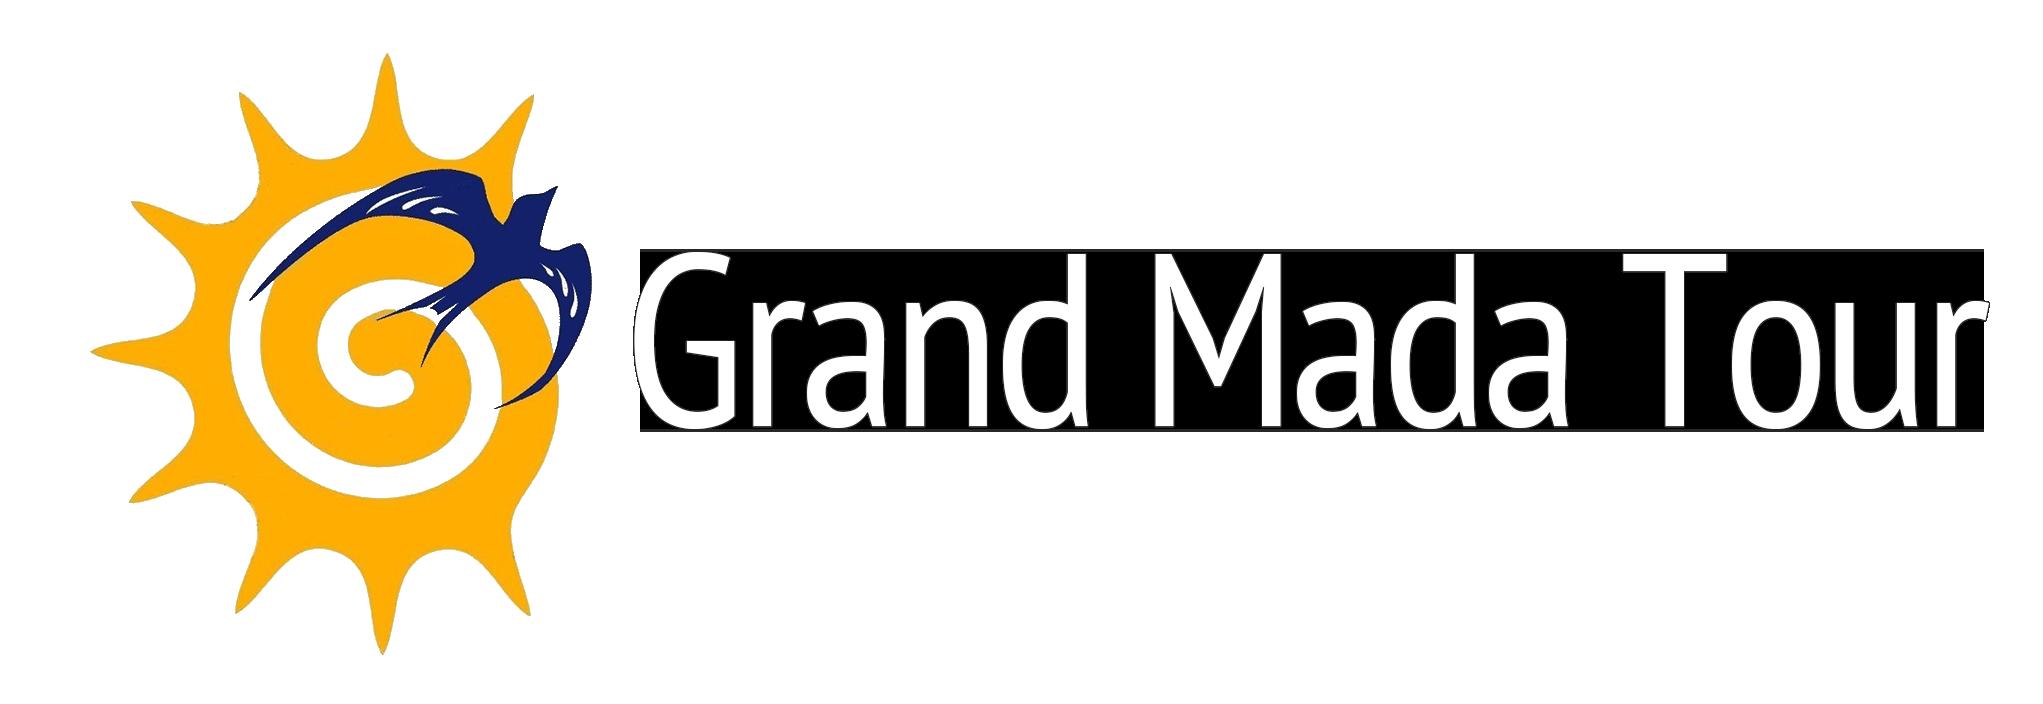 Grand Mada Tour